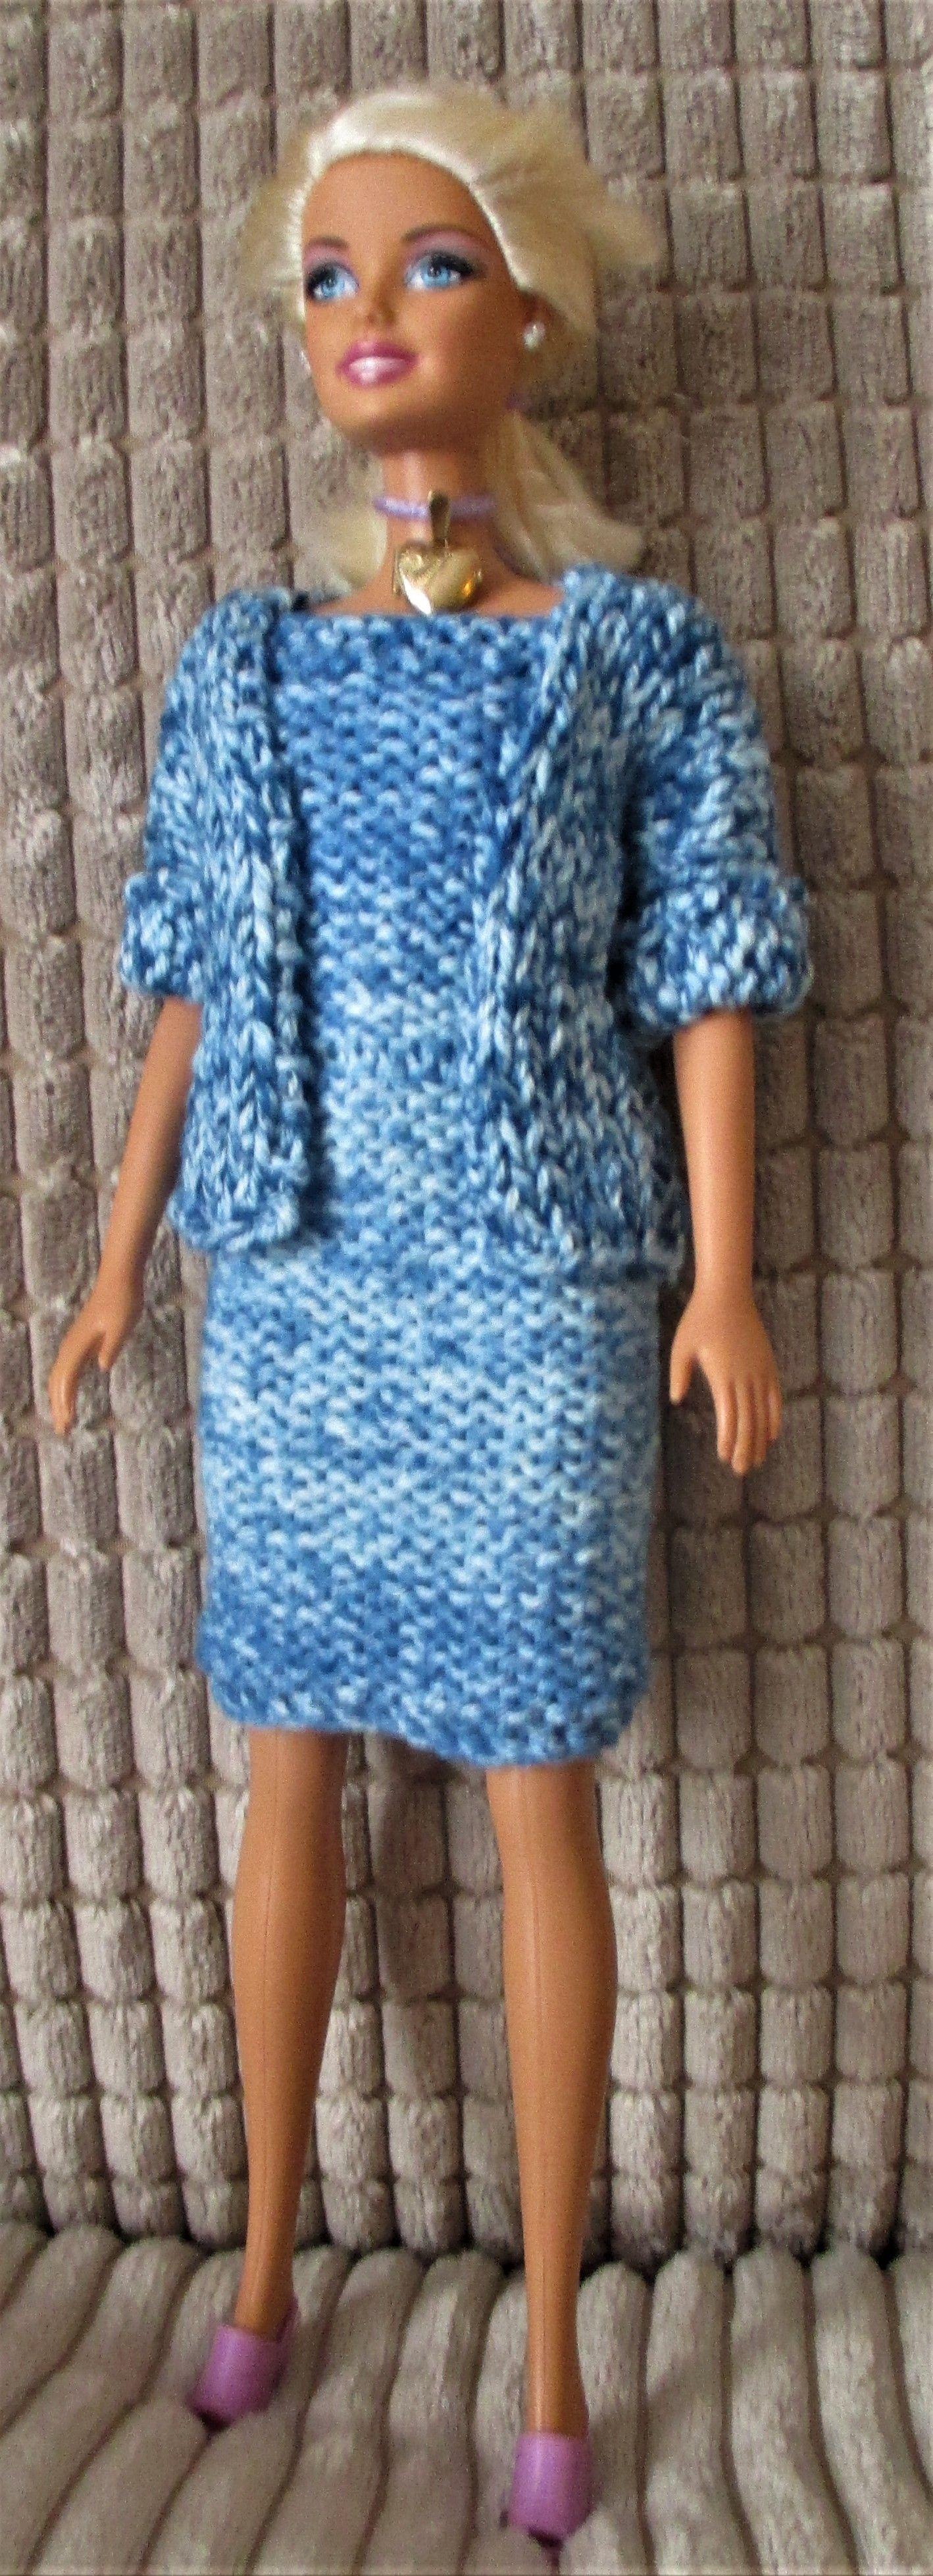 Pin de Larisa en Кукла Барби   Pinterest   Barbie, Muñecas y Ropa